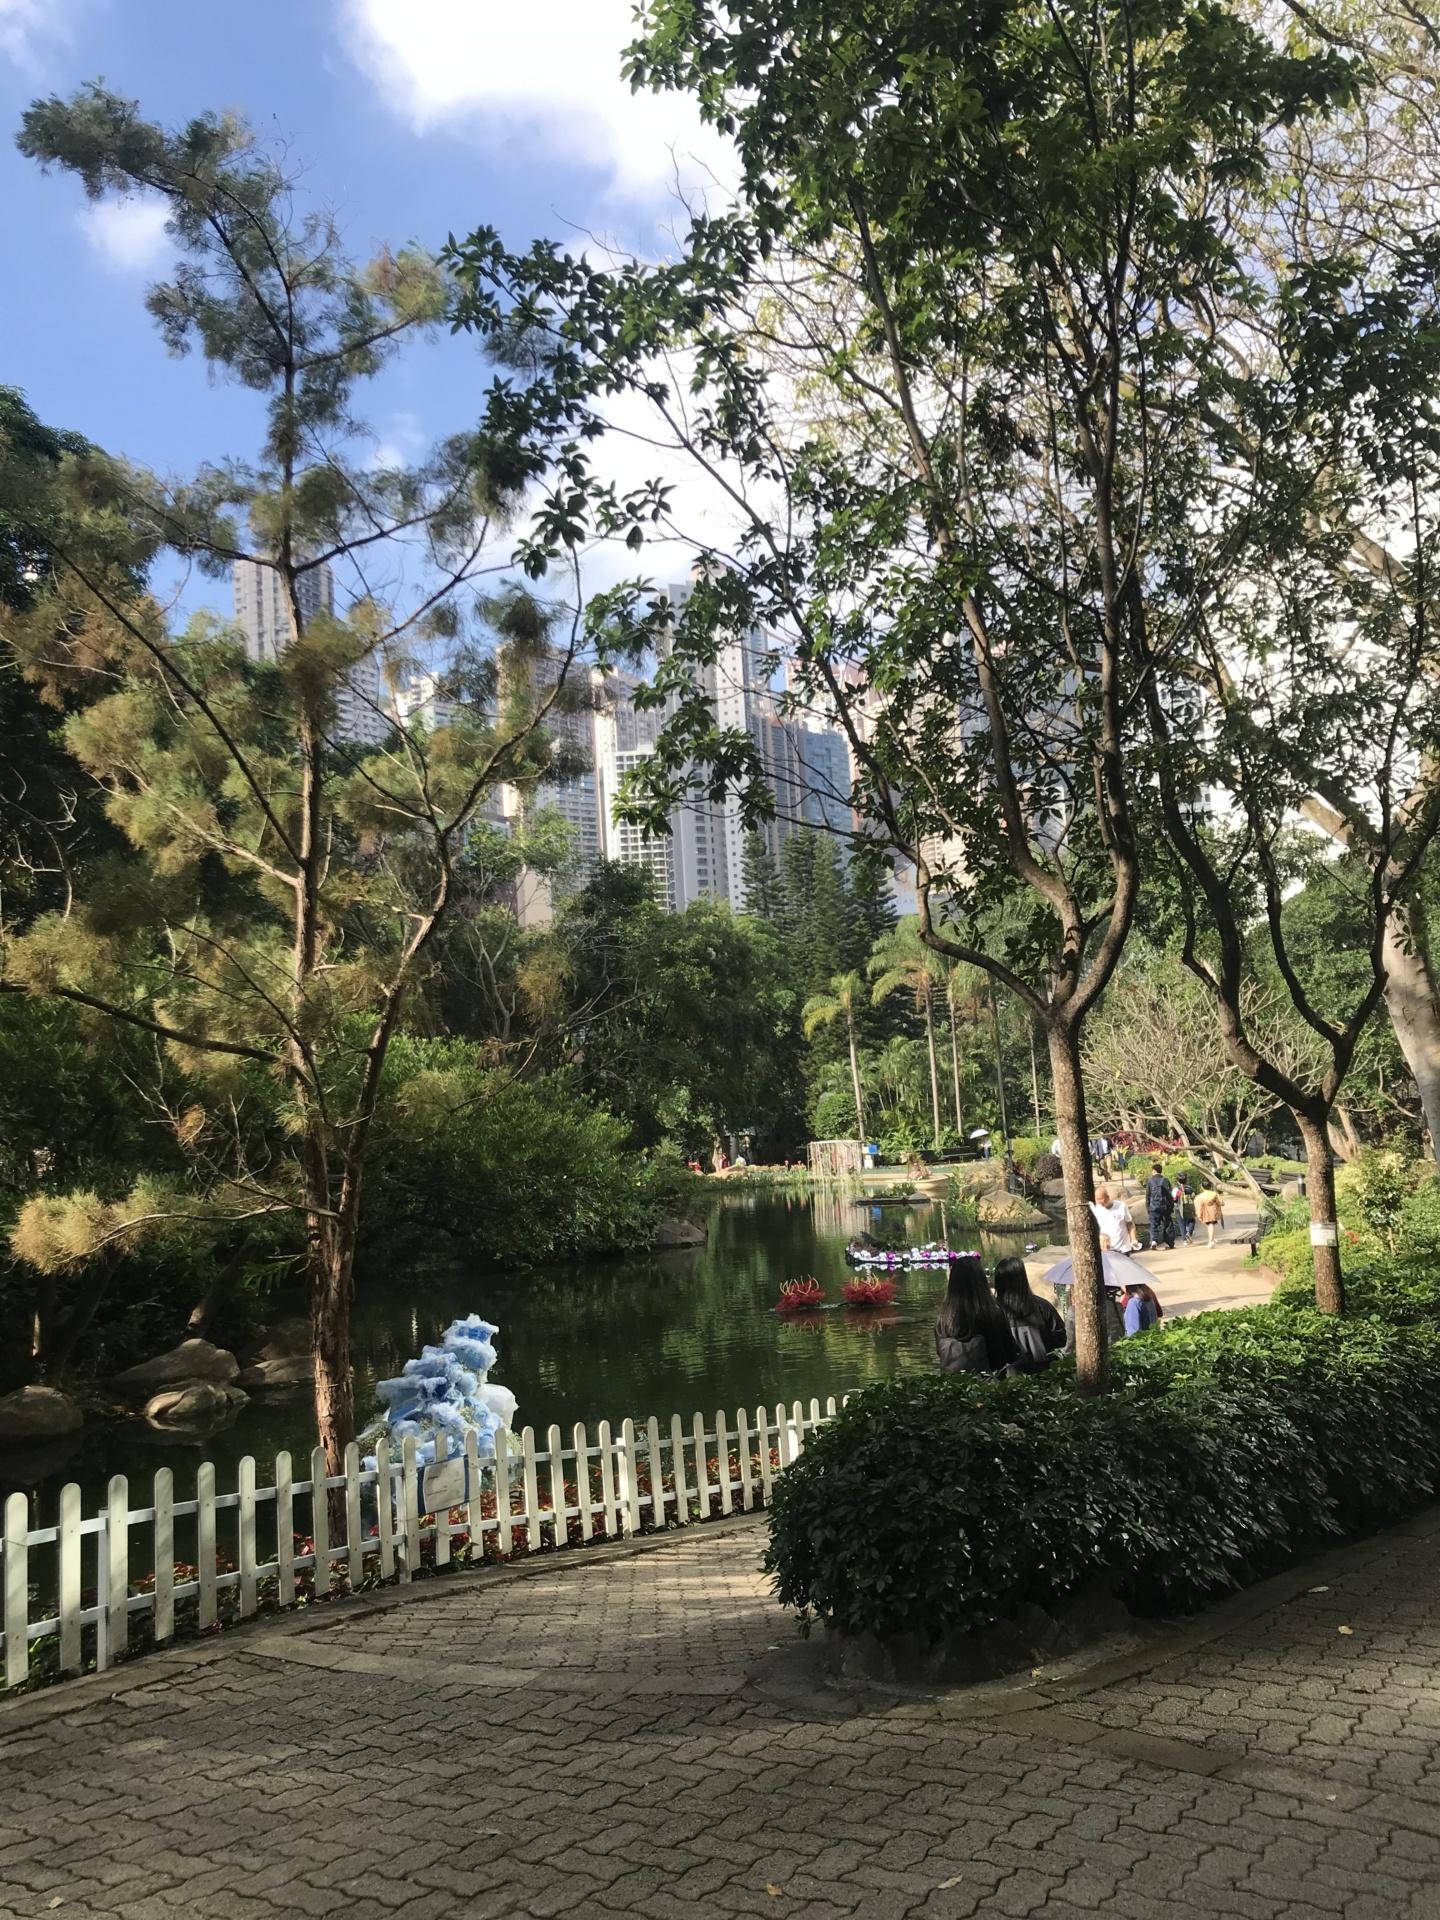 WanderlustBee - Hong Kong, China